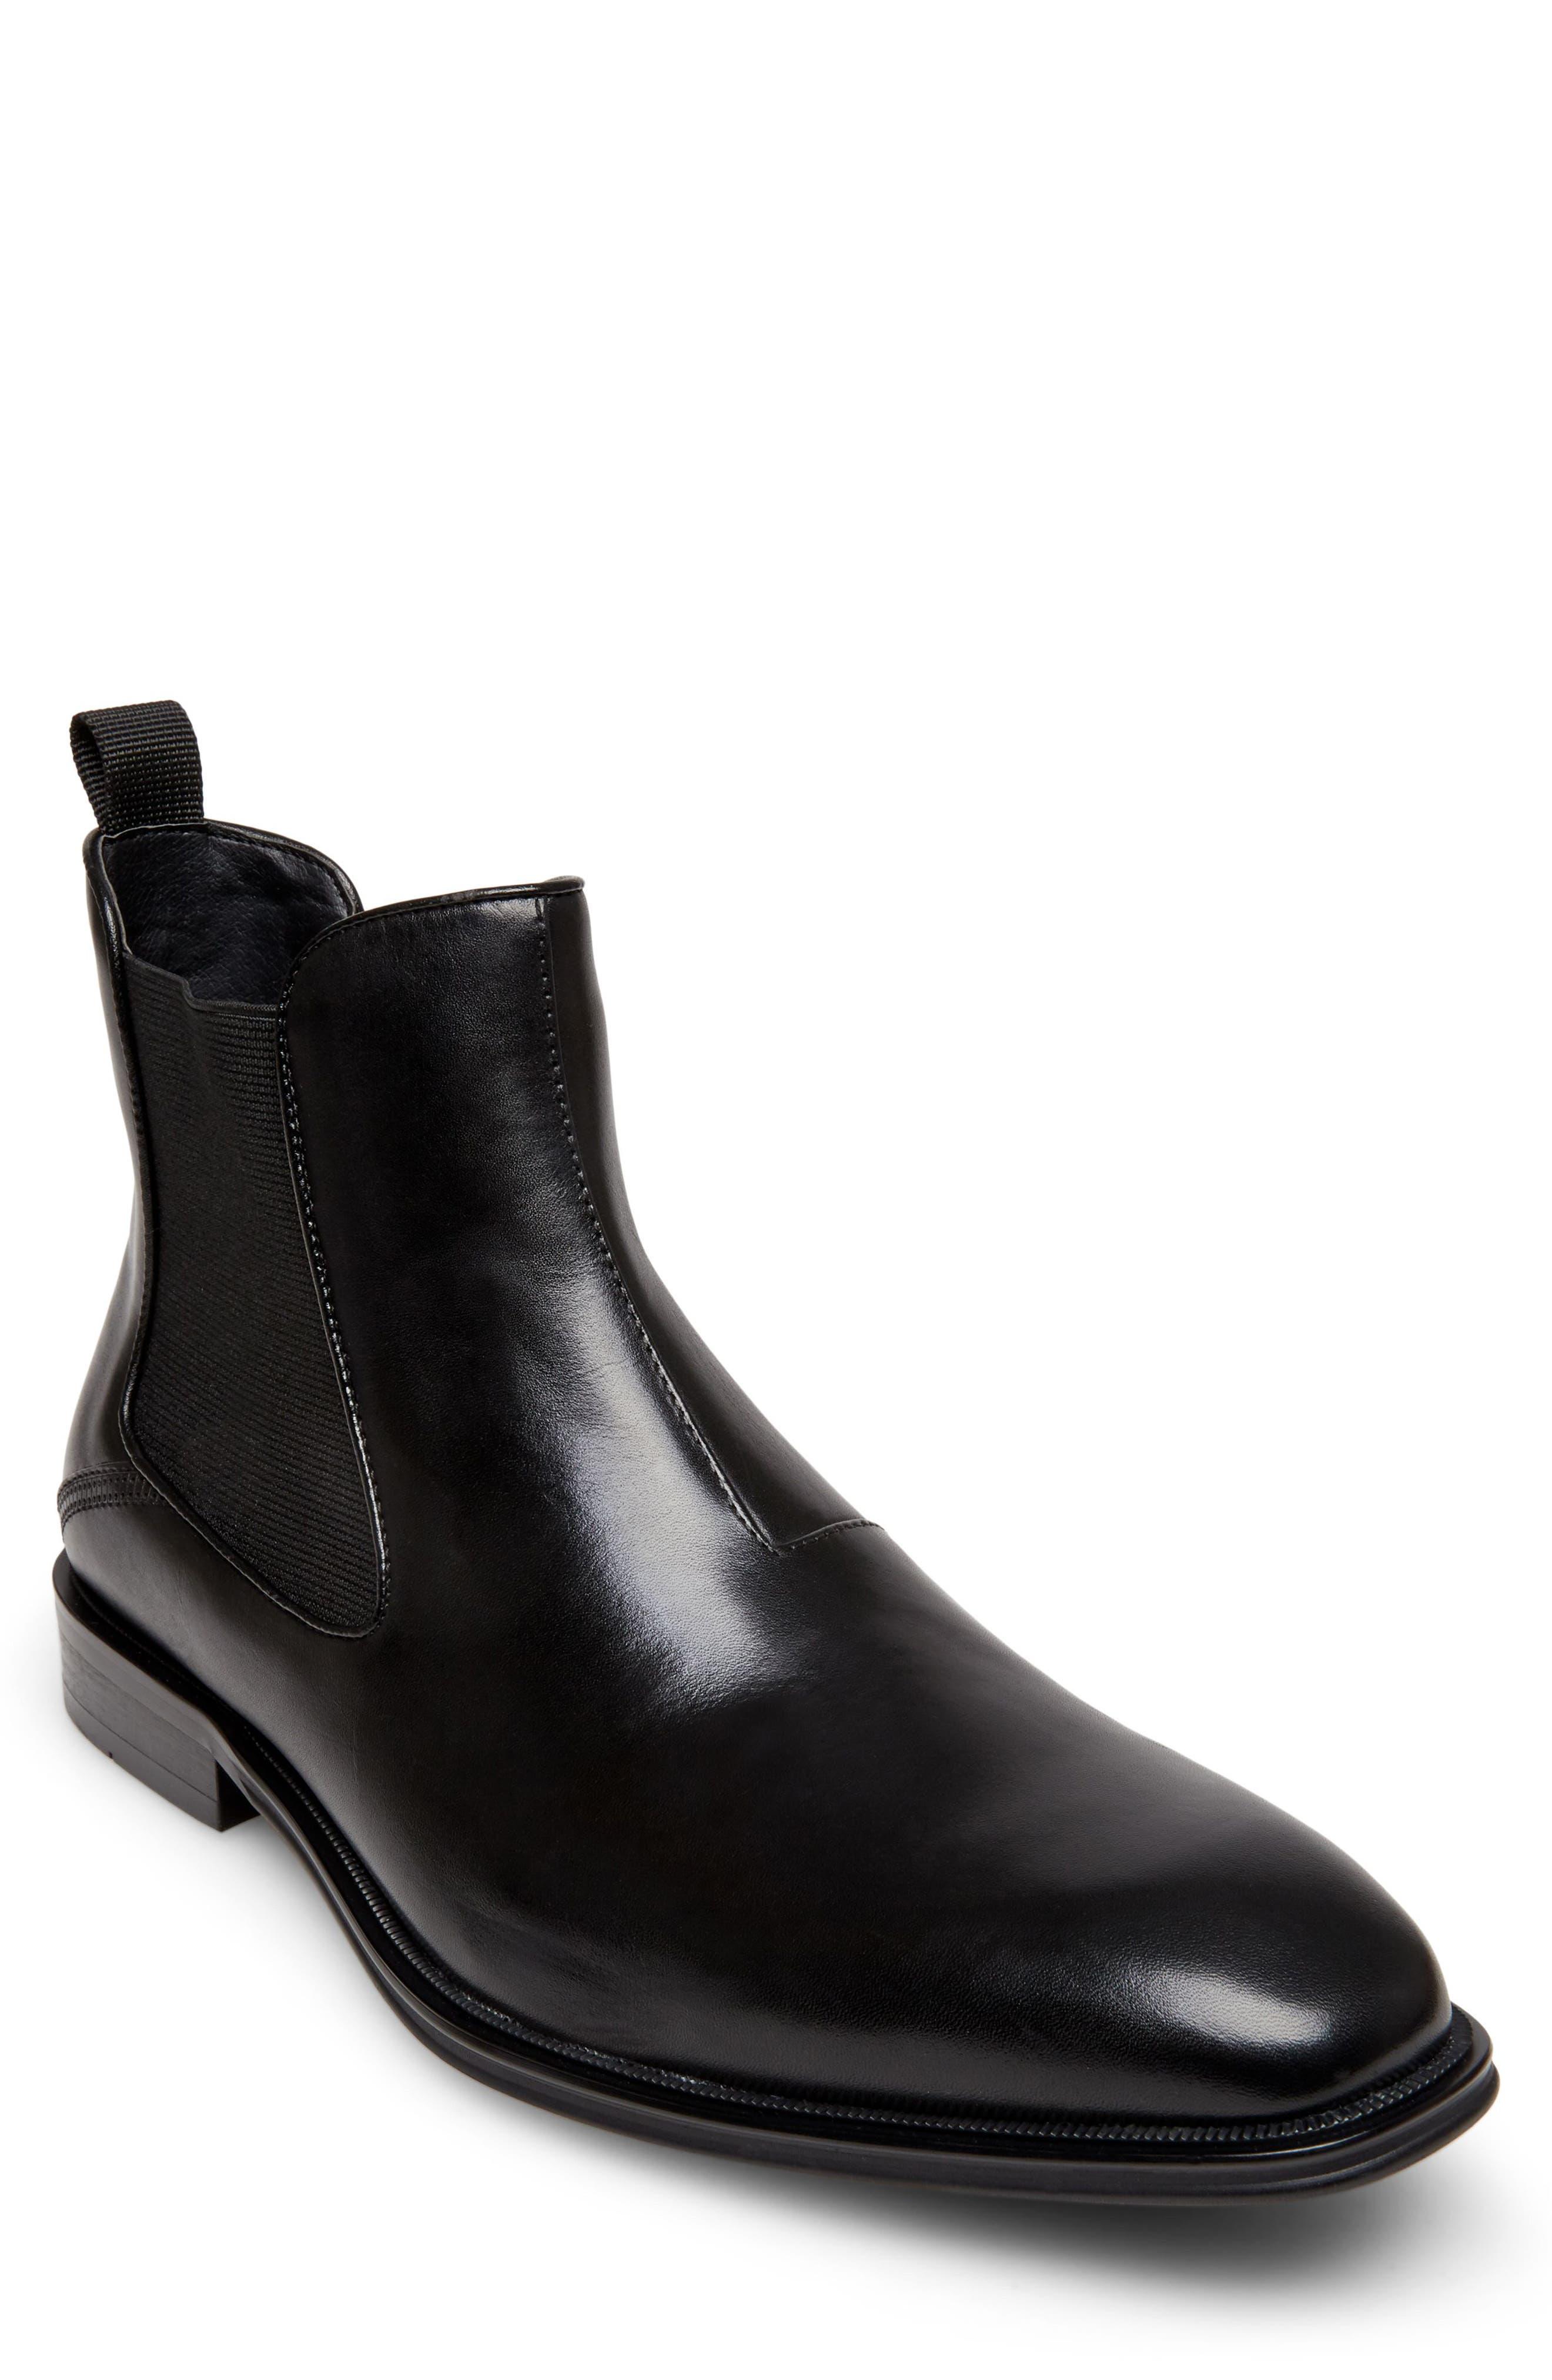 25cf7ed5144 Steve Madden Chelsea Boots for Men